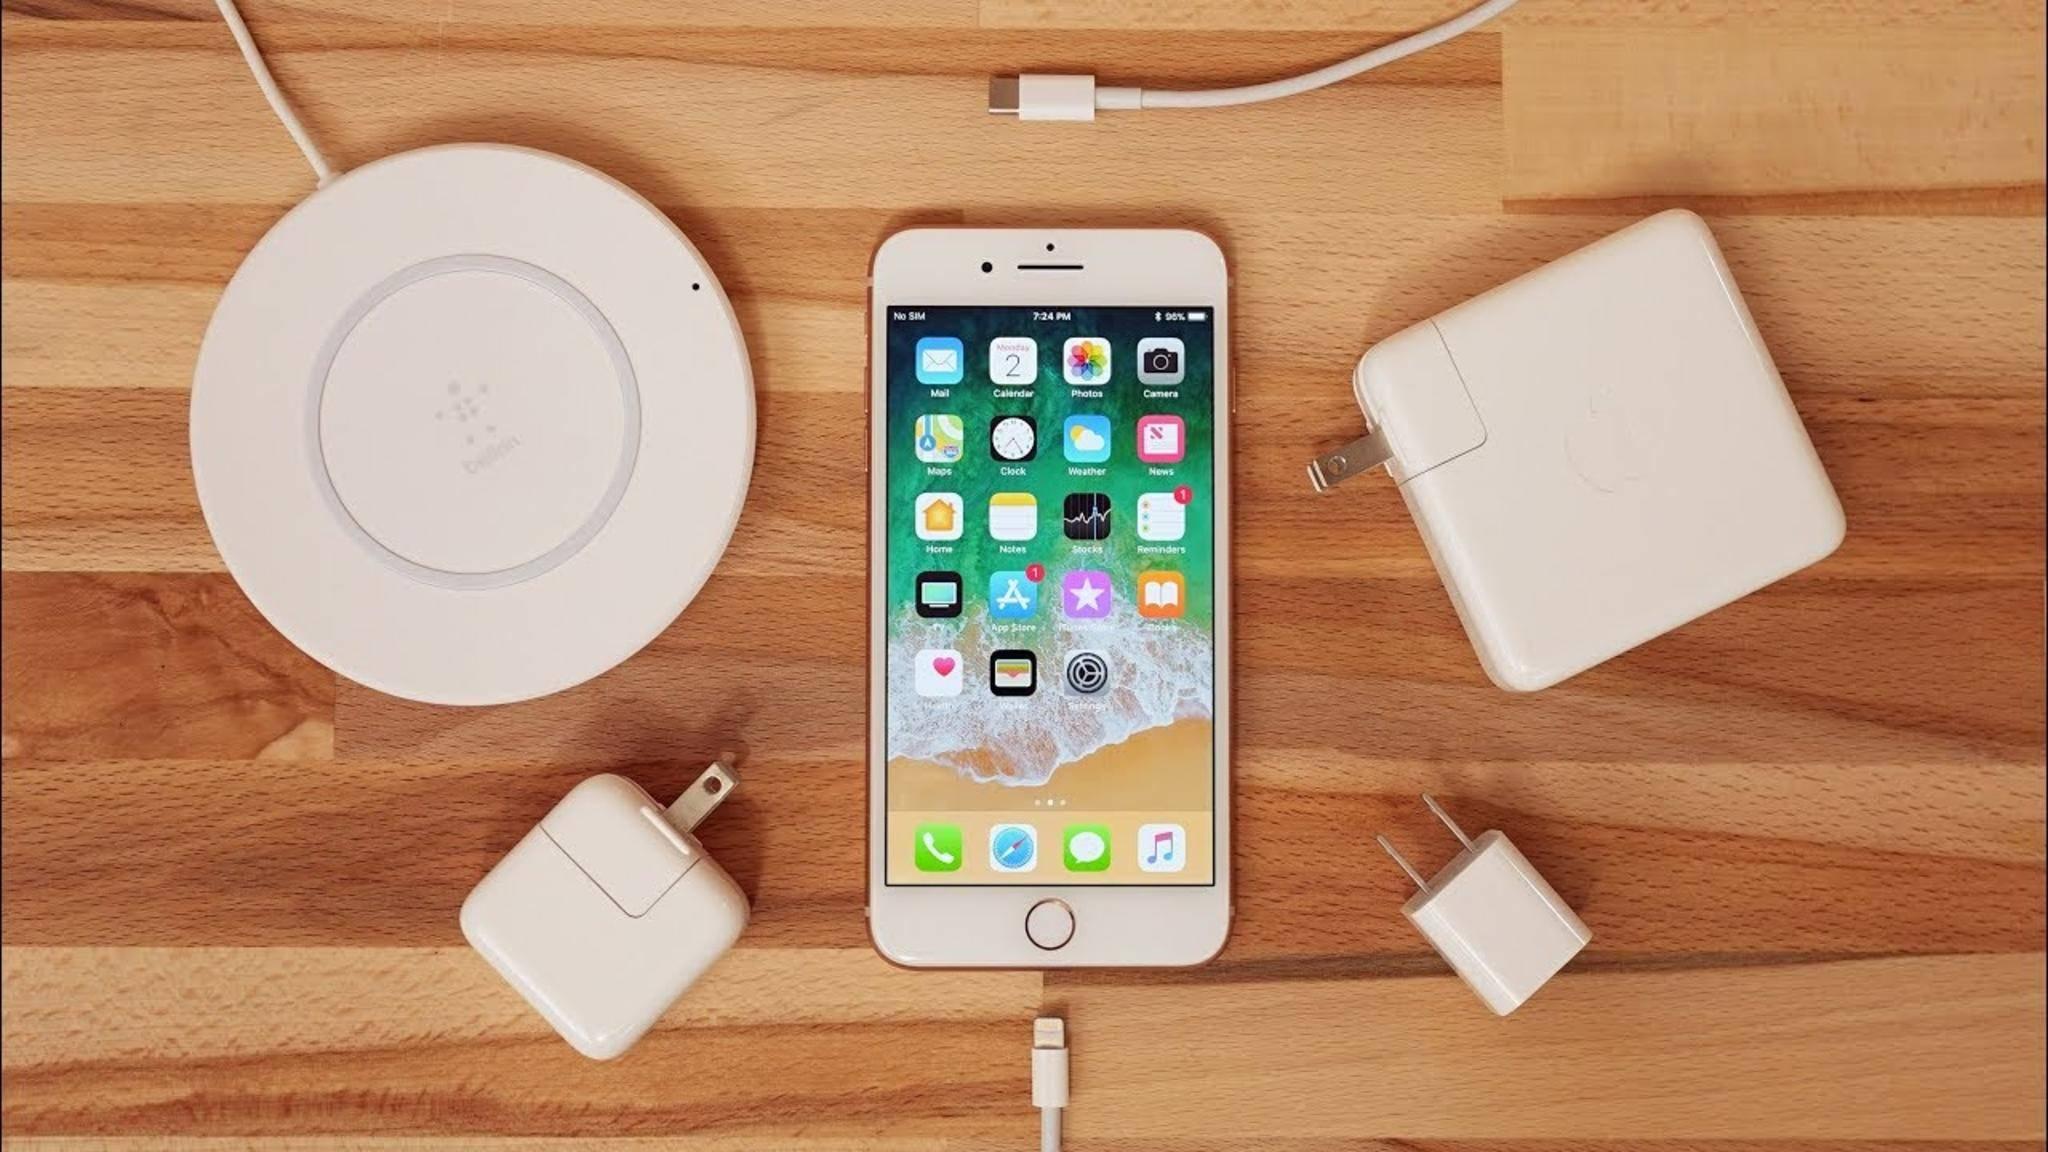 Den neuen iPhones könnte ein deutlich leistungsstärkeres Netzteil beiliegen.